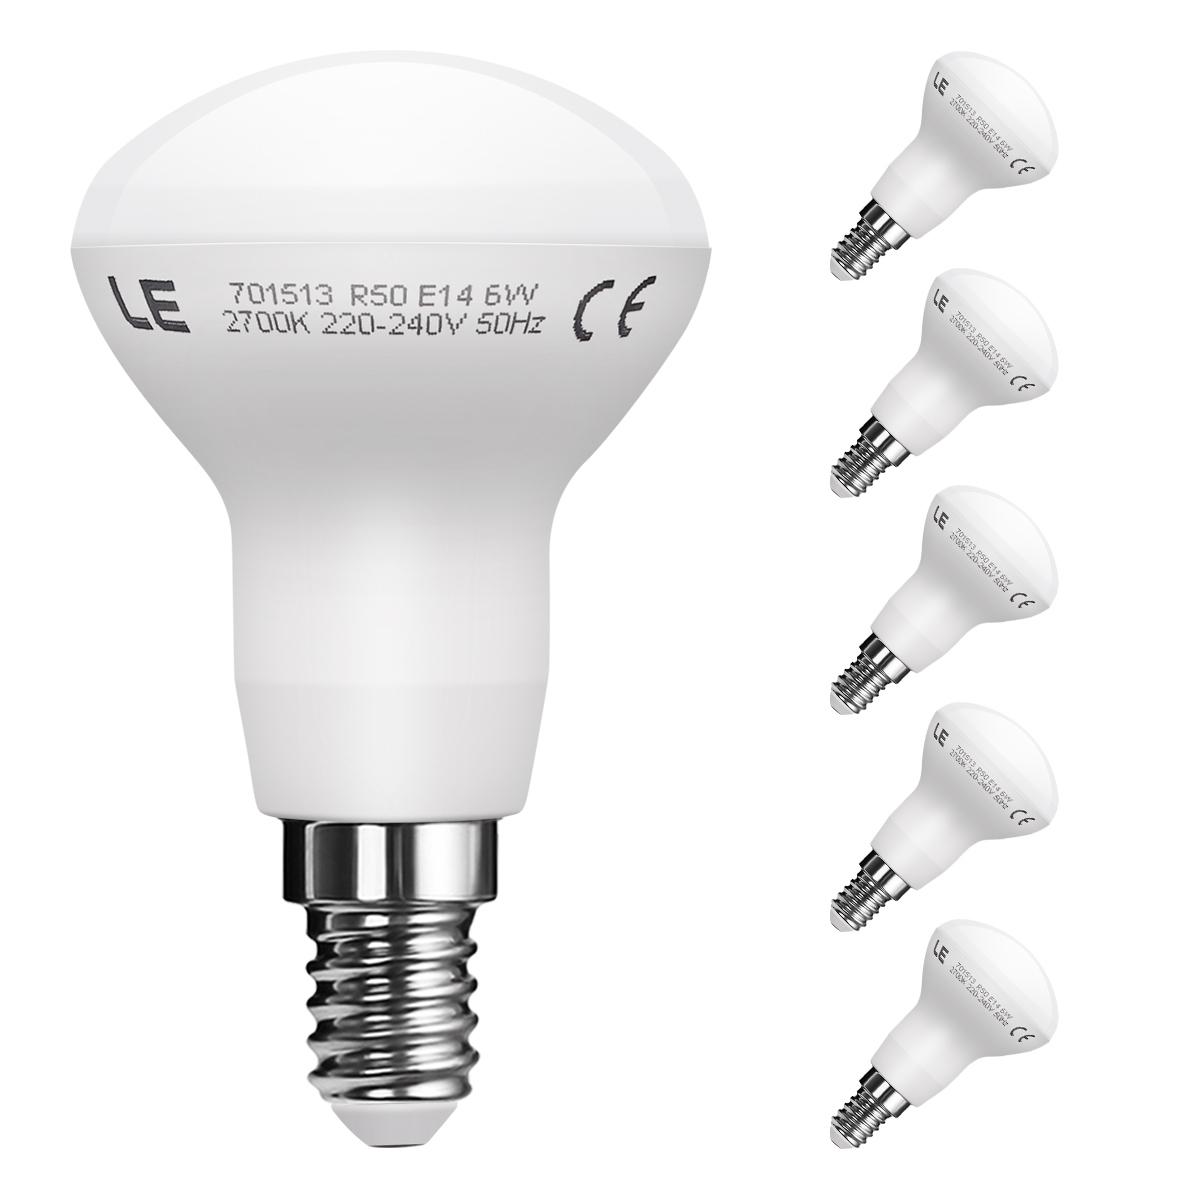 6W LED Reflektor R50, 5er Set, E14 450lm SES Birnen, 120 ° Strahler, 45W Glühlampen Equivalent, Warmweiß